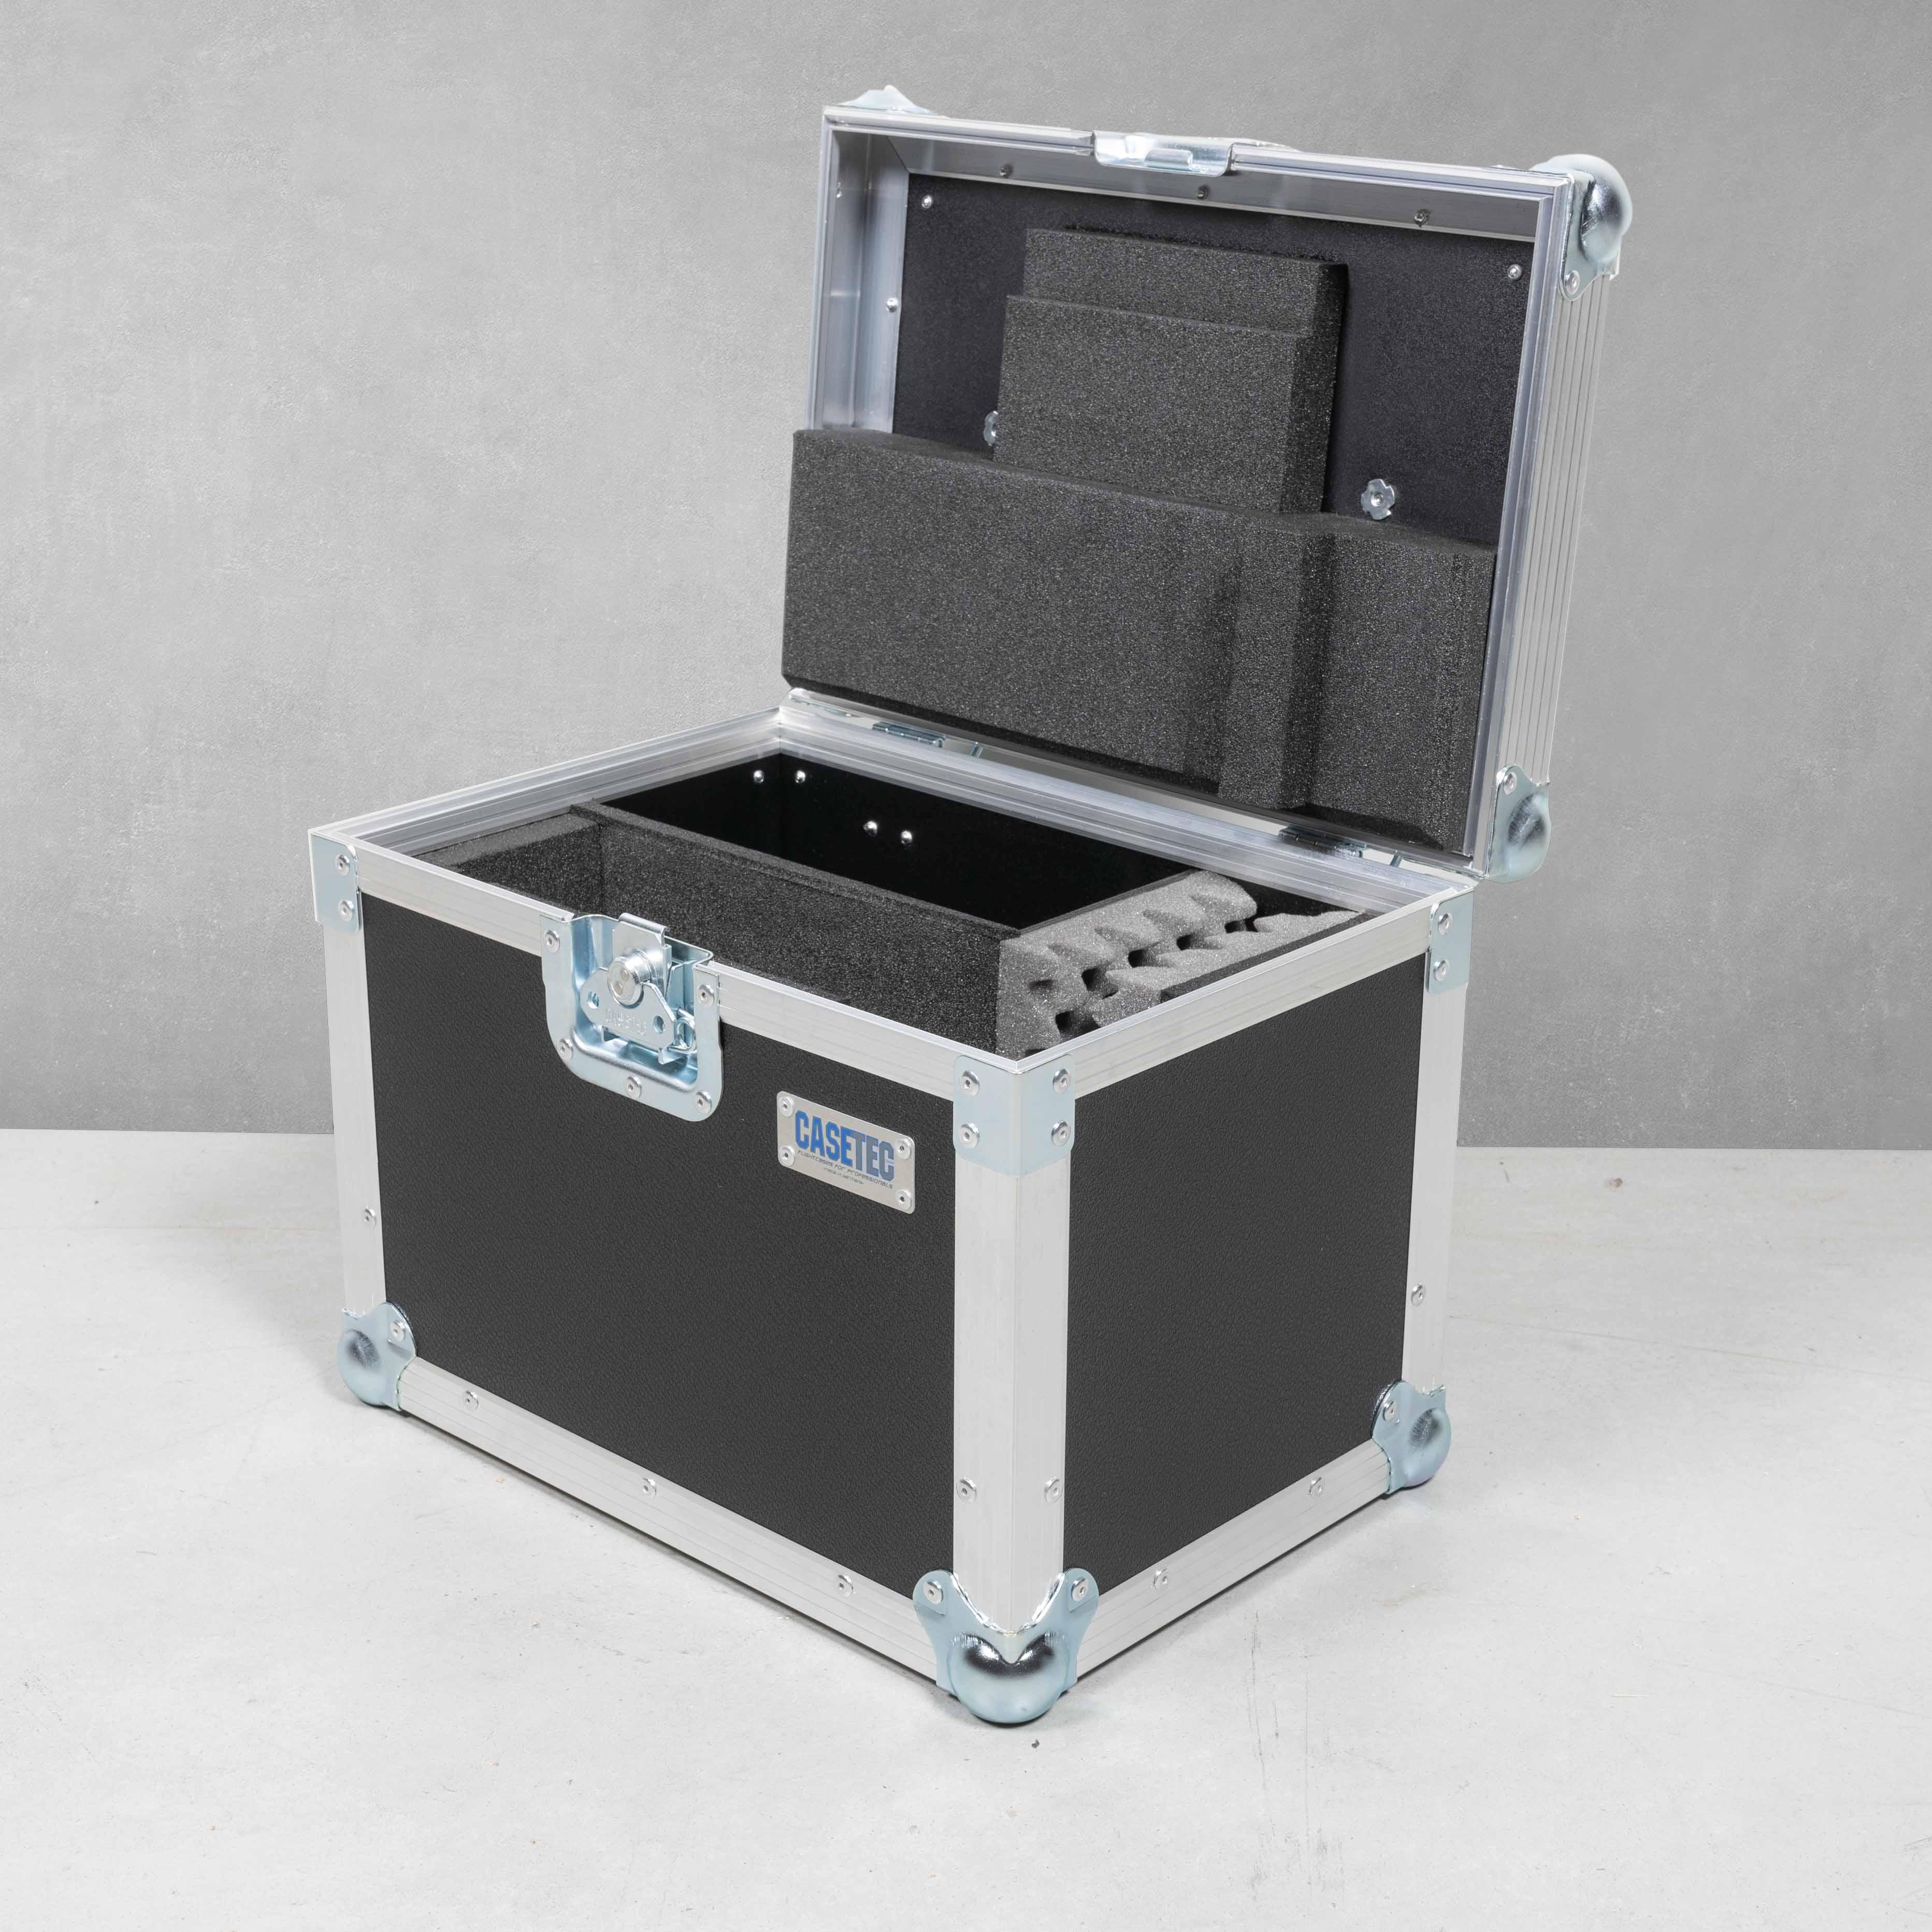 Koffer für ein Panasonic Remotepanel AW-RP150GJ